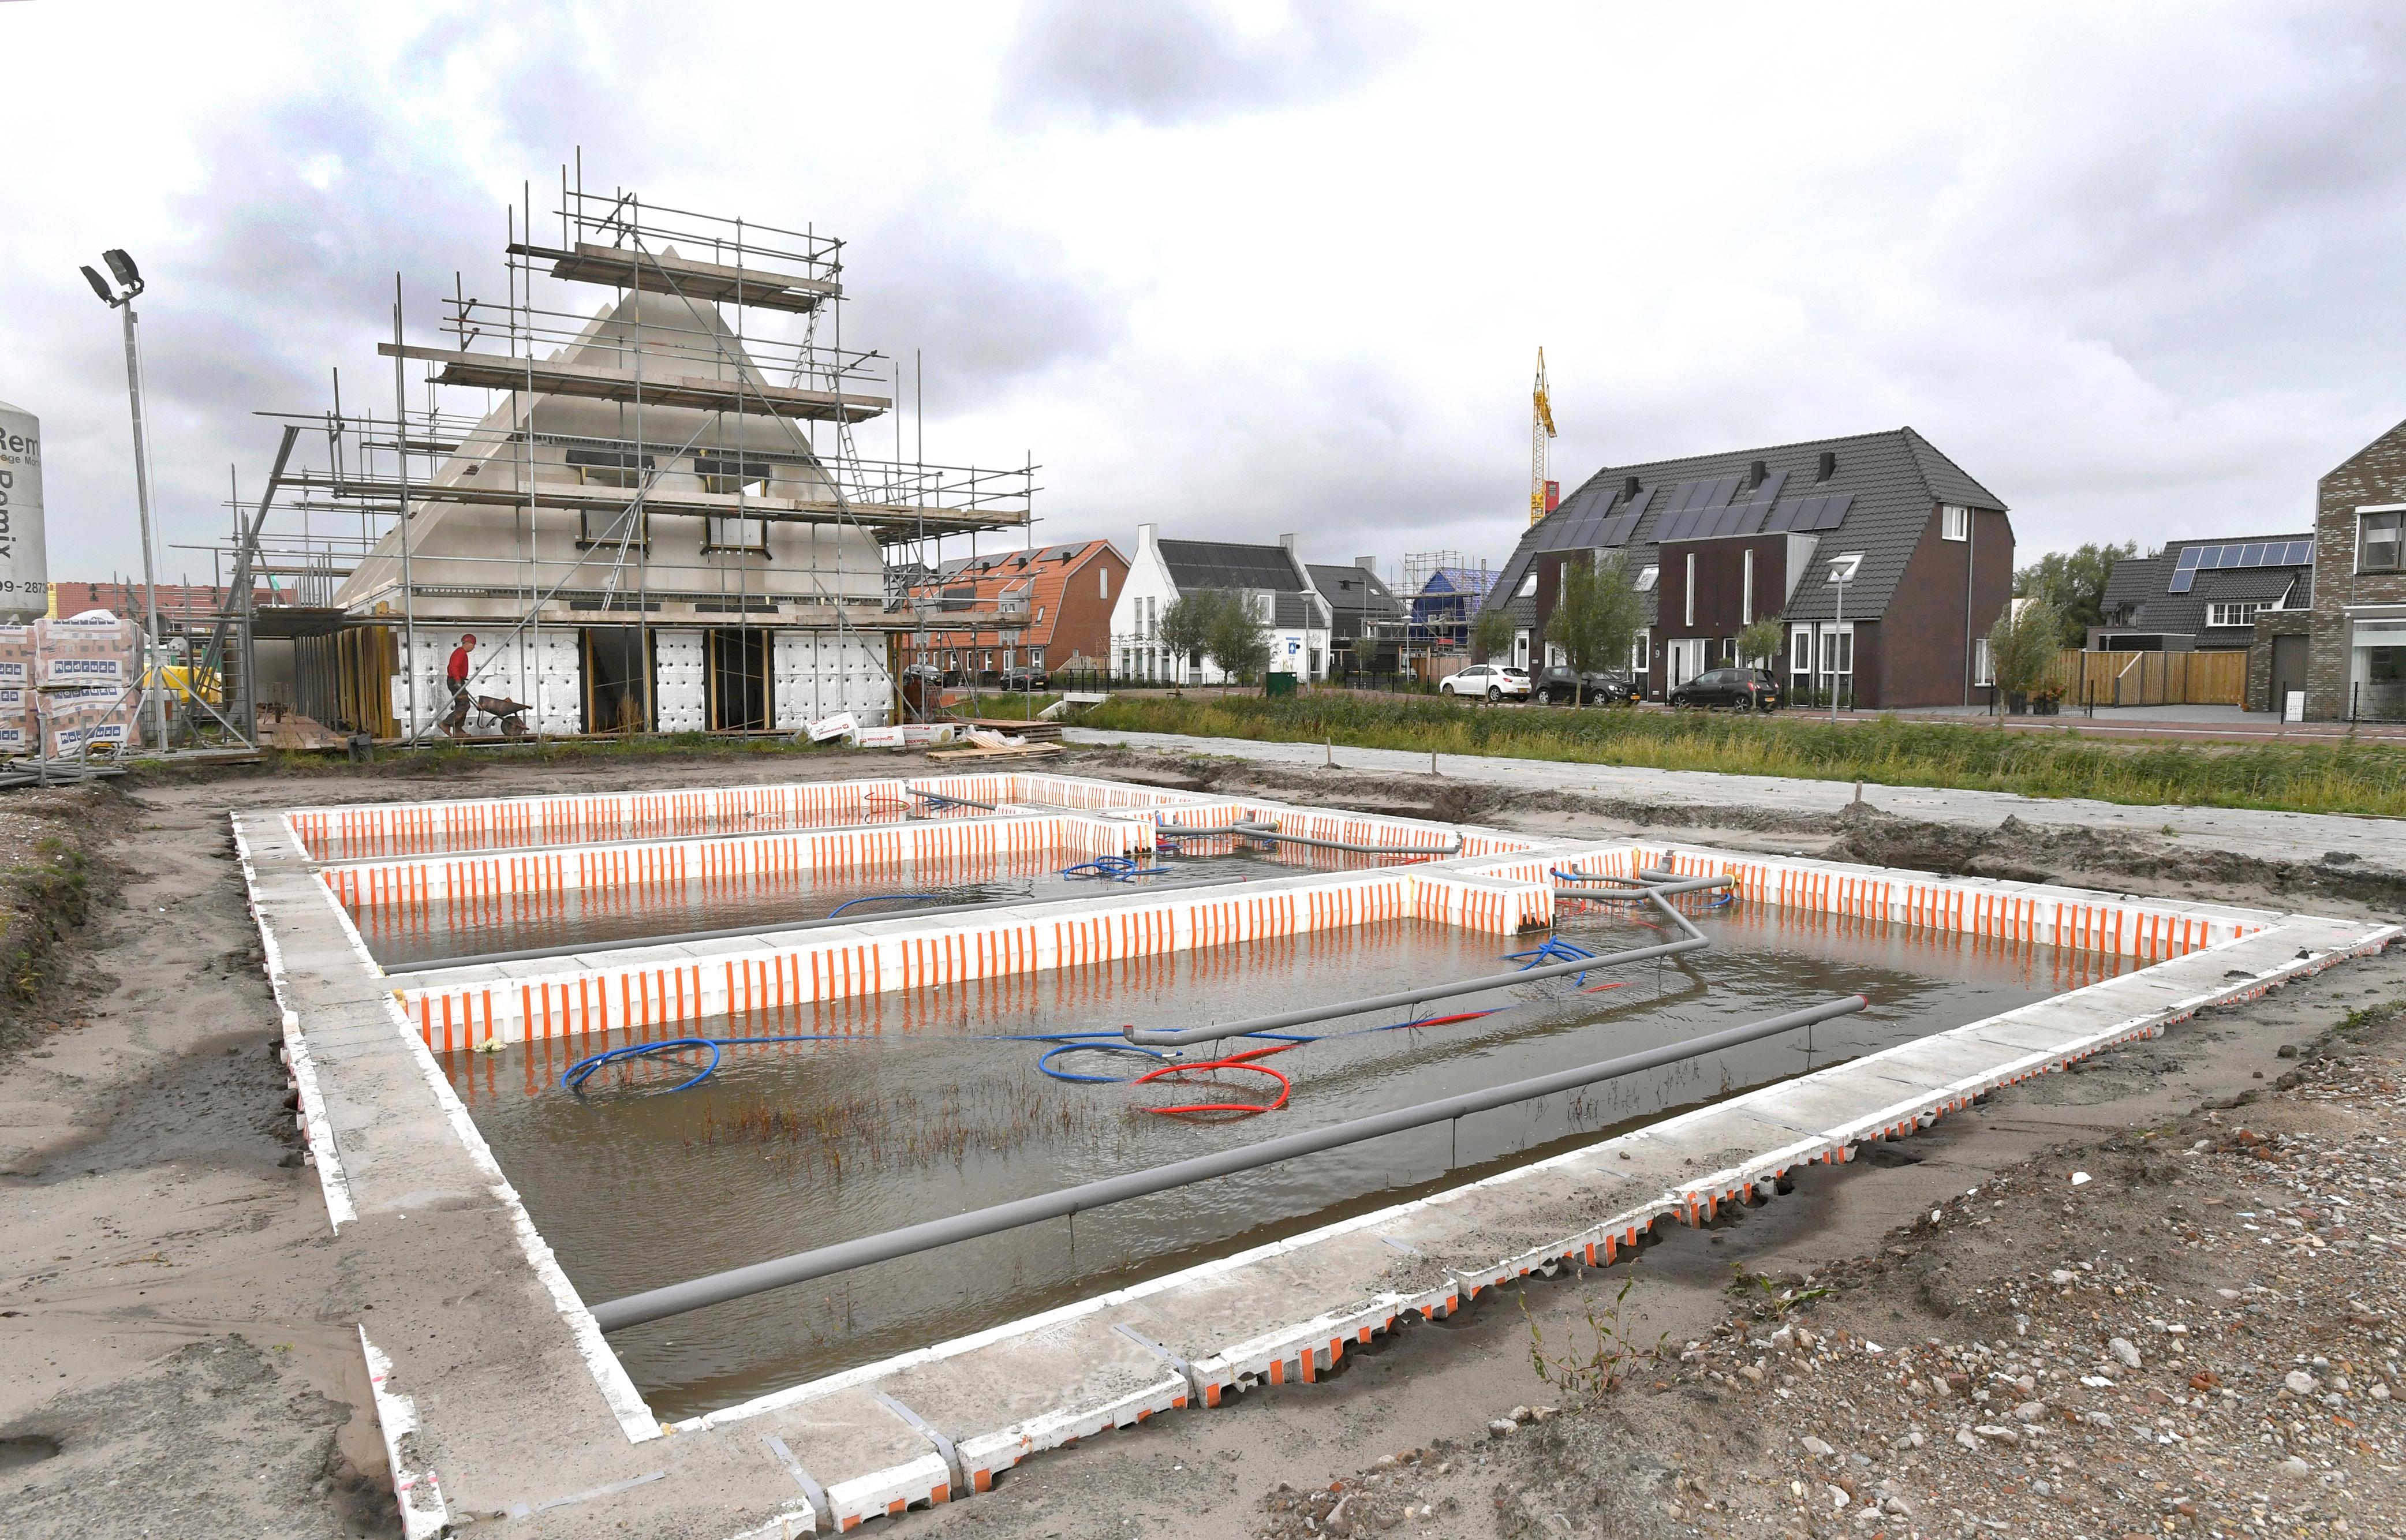 Bouwen, bouwen, bouwen. In Julianadorp schieten de nieuwbouwwoningen in sneltreinvaart uit de grond